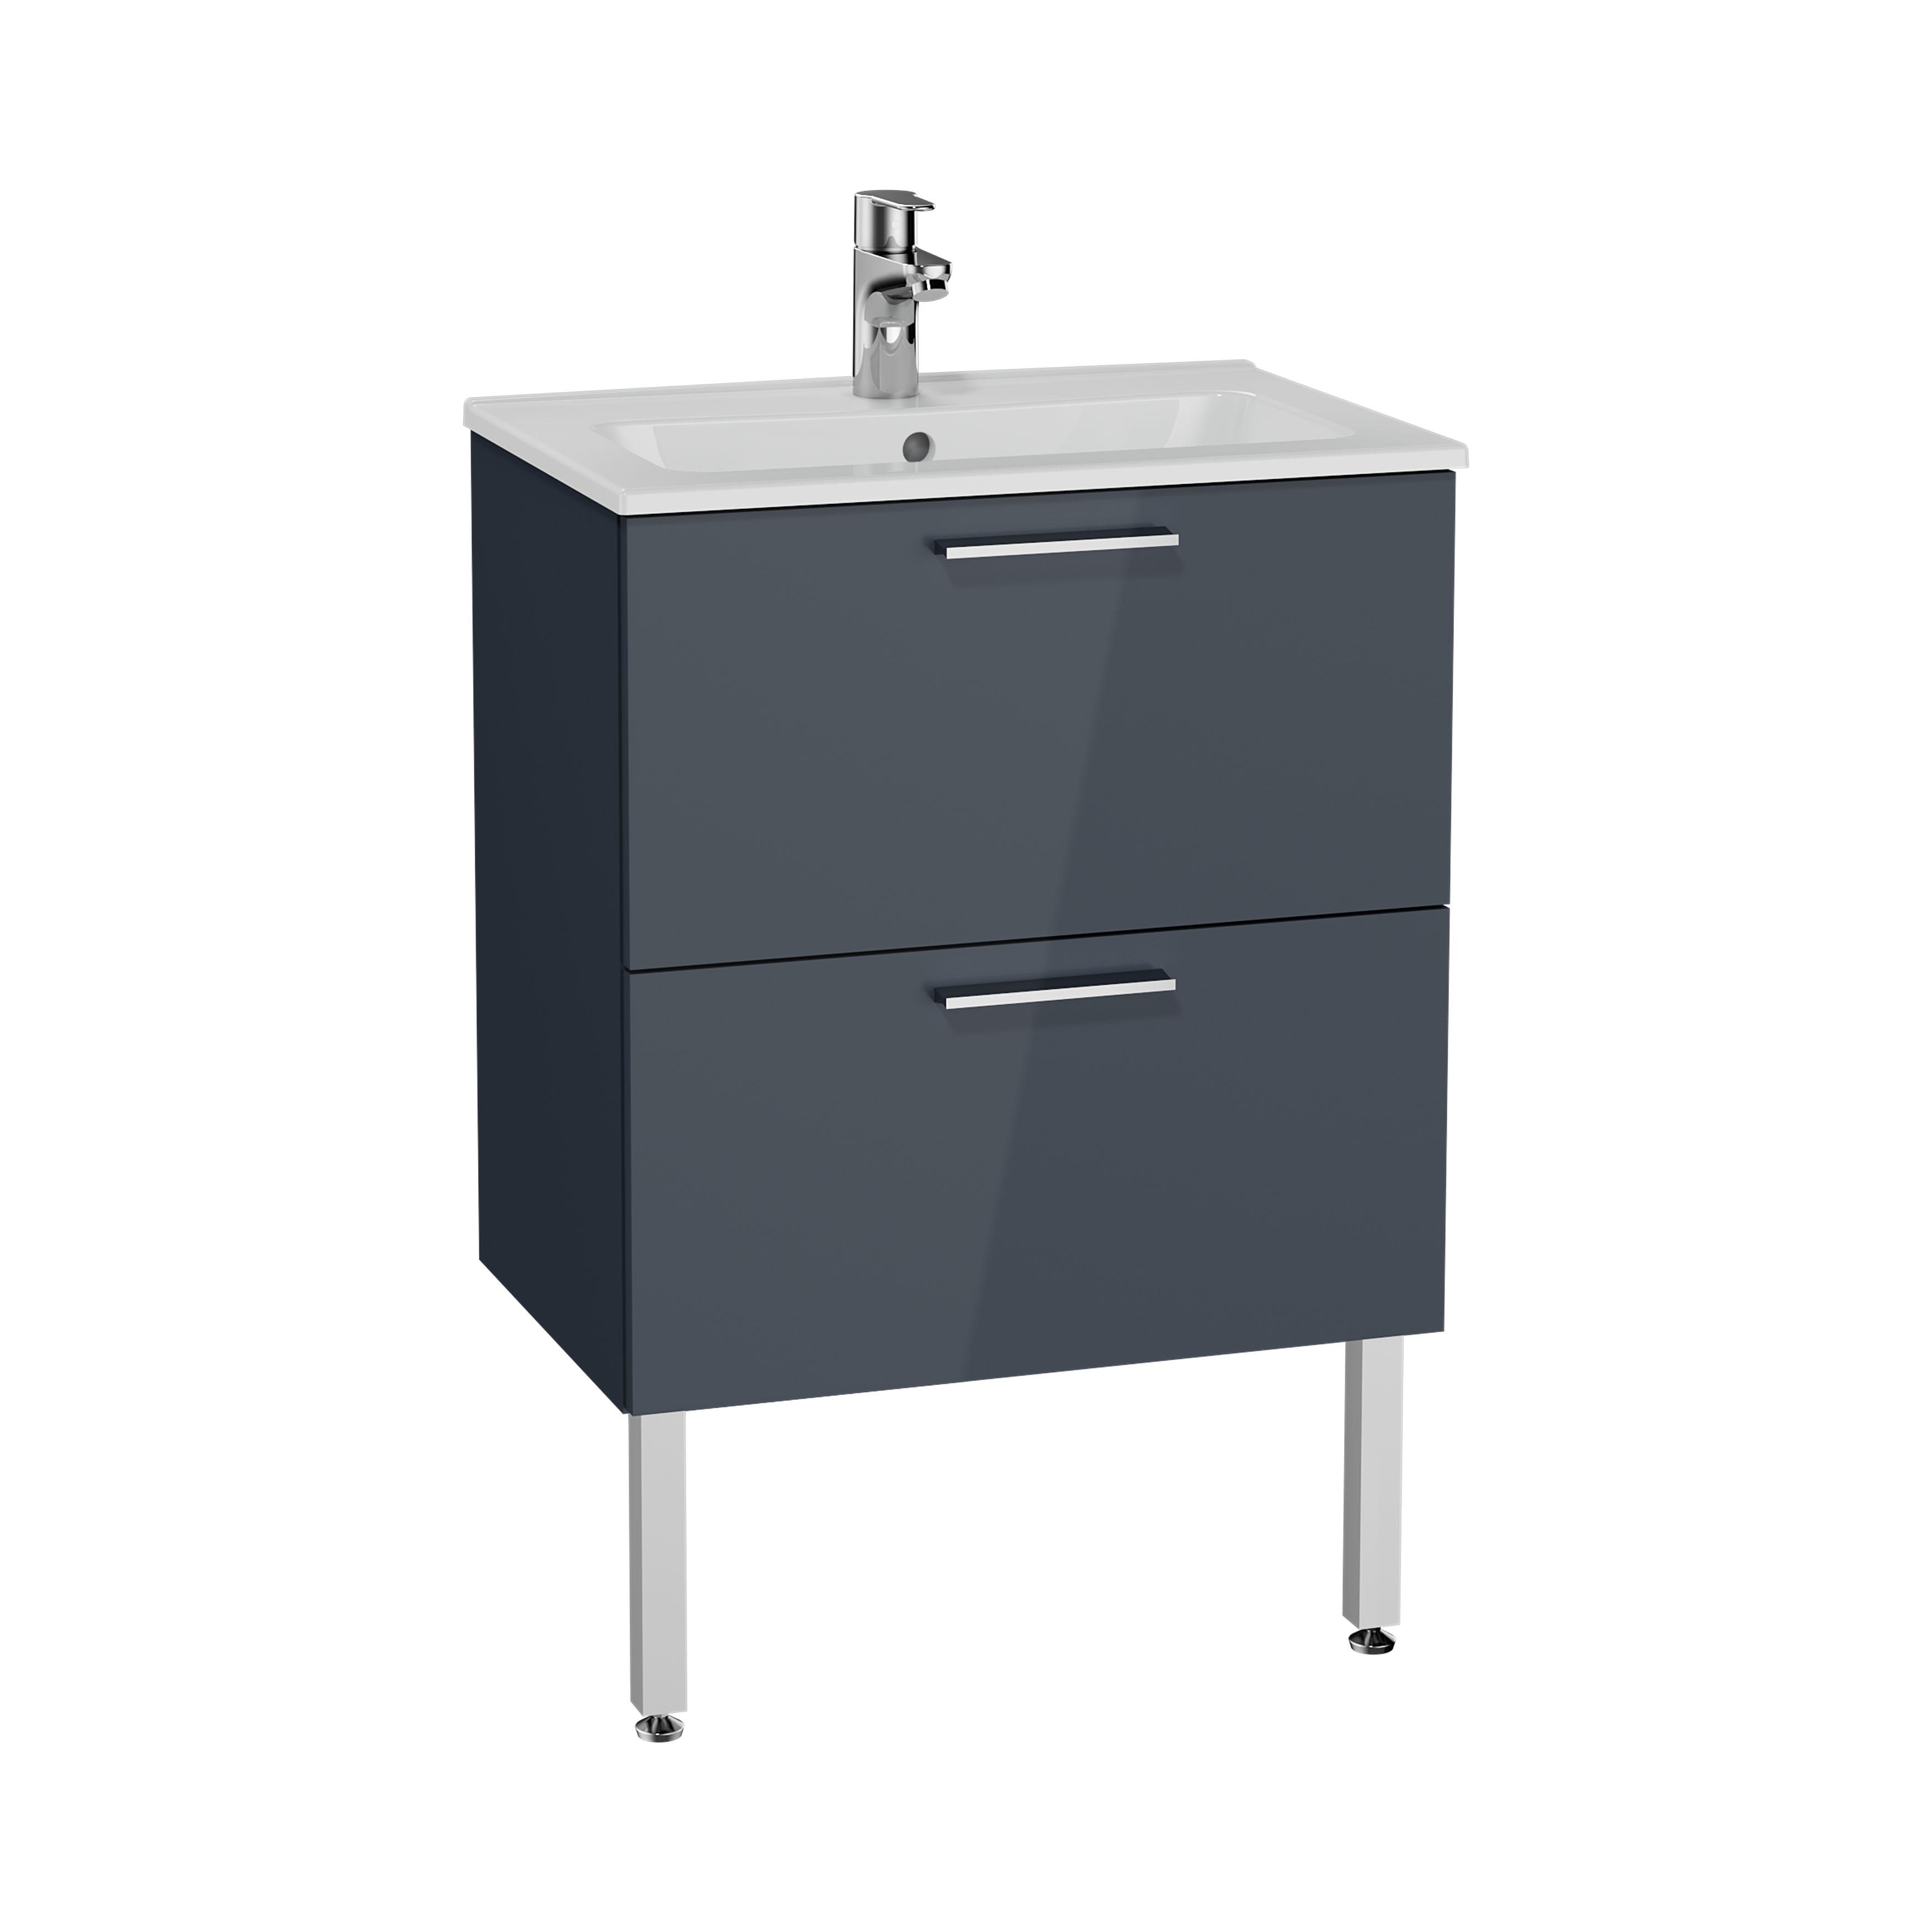 Mia set de meuble, avec 2 tiroirs, sans miroir et éclairage, 60 cm, anthraciteacite